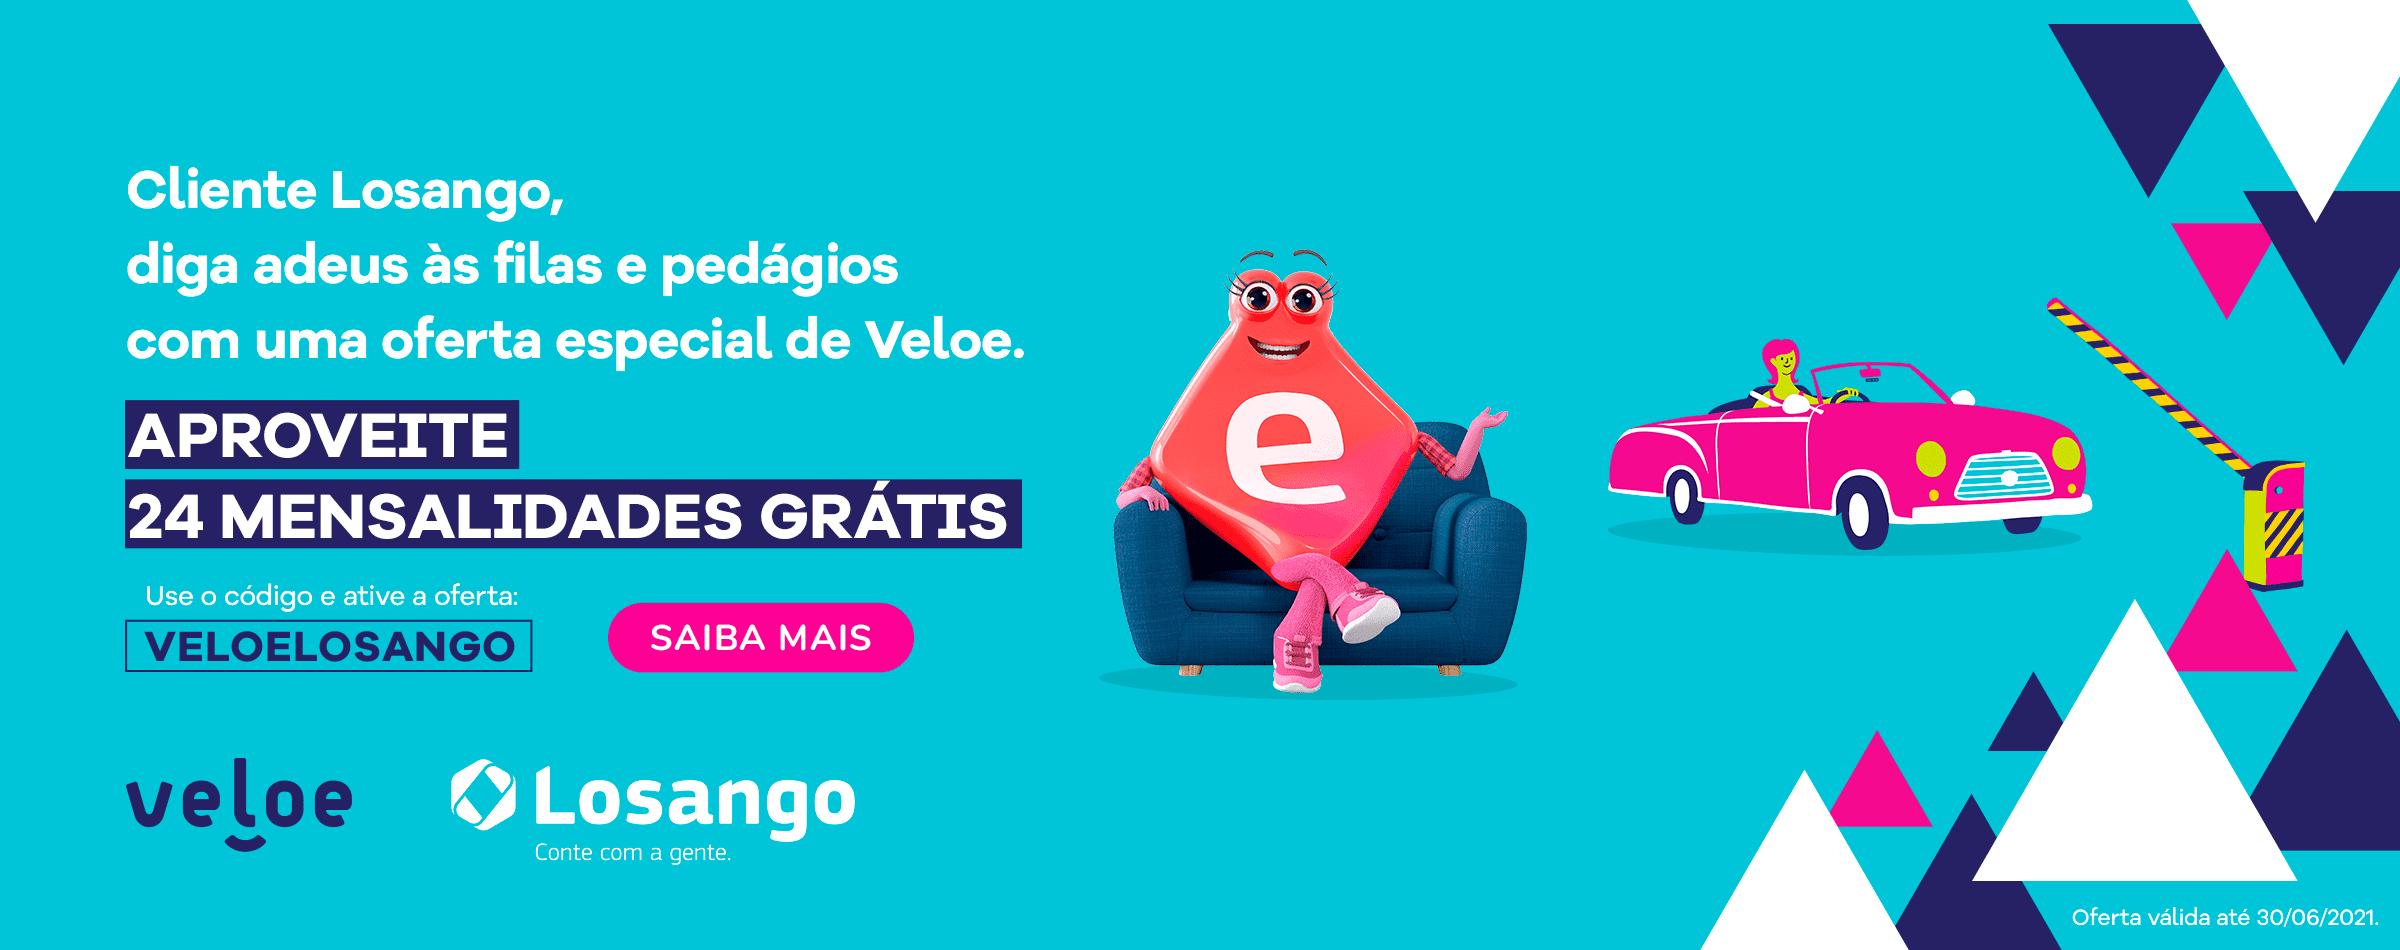 Losango - Veloe